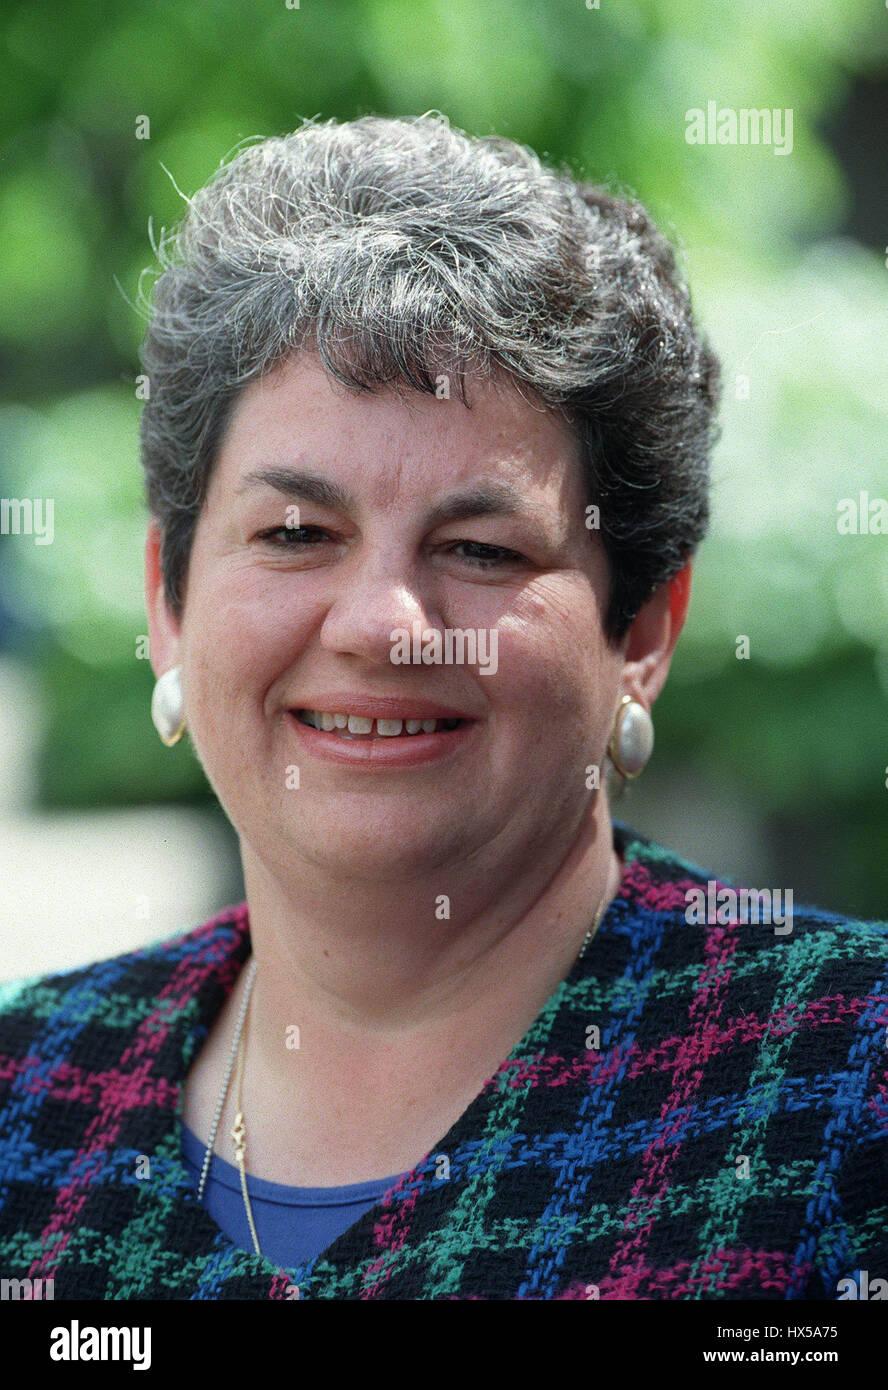 JACKIE BALLARD MP LIBERAL DEMOCRATS 07 May 1997 - Stock Image